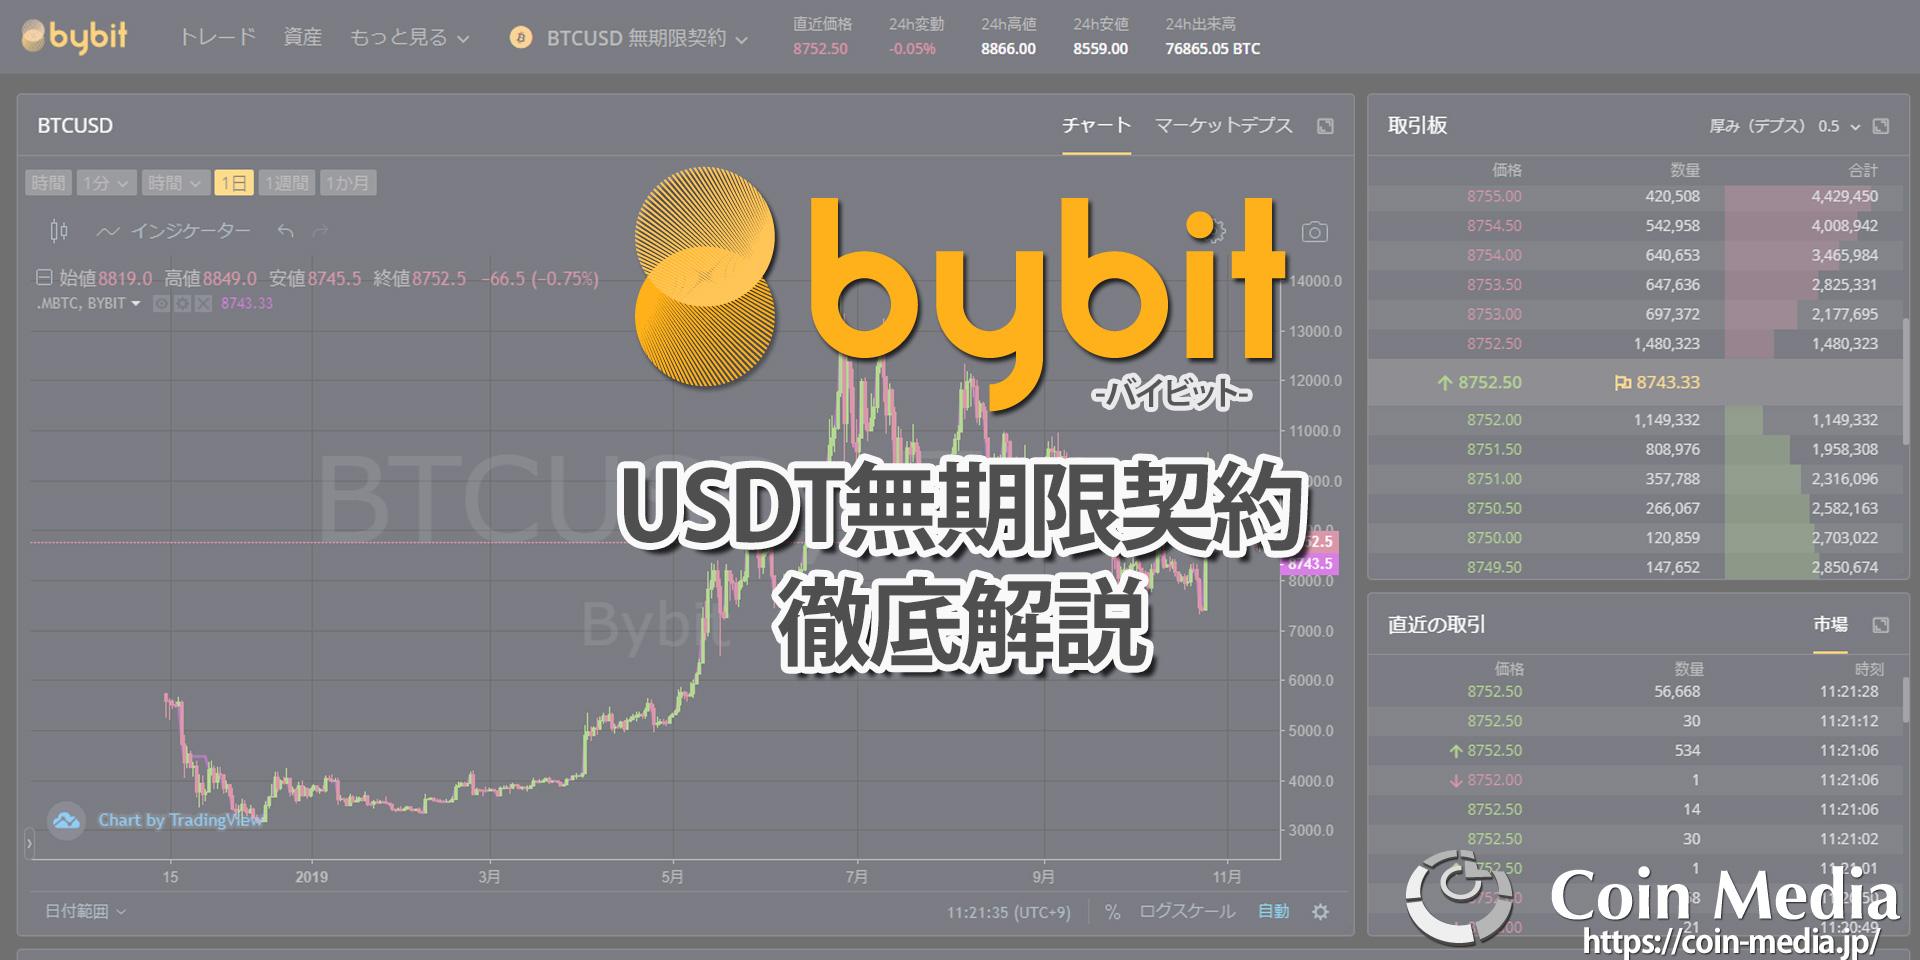 仮想通貨デリバティブ取引所Bybit(バイビット)が開始したUSDT無期限契約について詳しく解説!